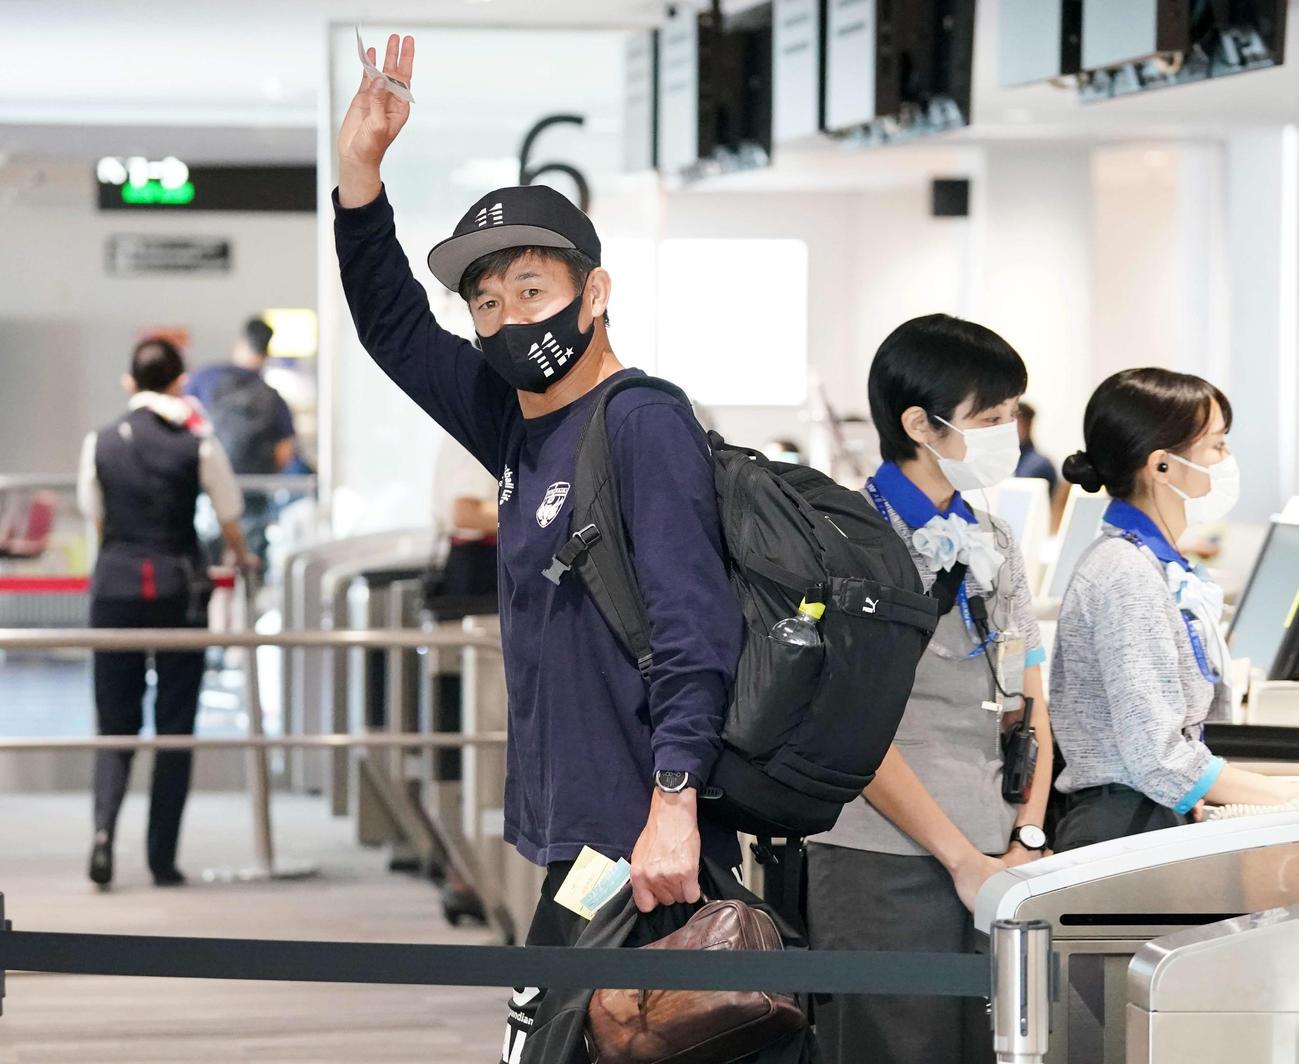 ルヴァン杯の鳥栖-横浜FC戦先発出場から一夜明け、カメラに手を上げながら飛行機に乗り込む横浜FC・FWカズ(撮影・江口和貴)